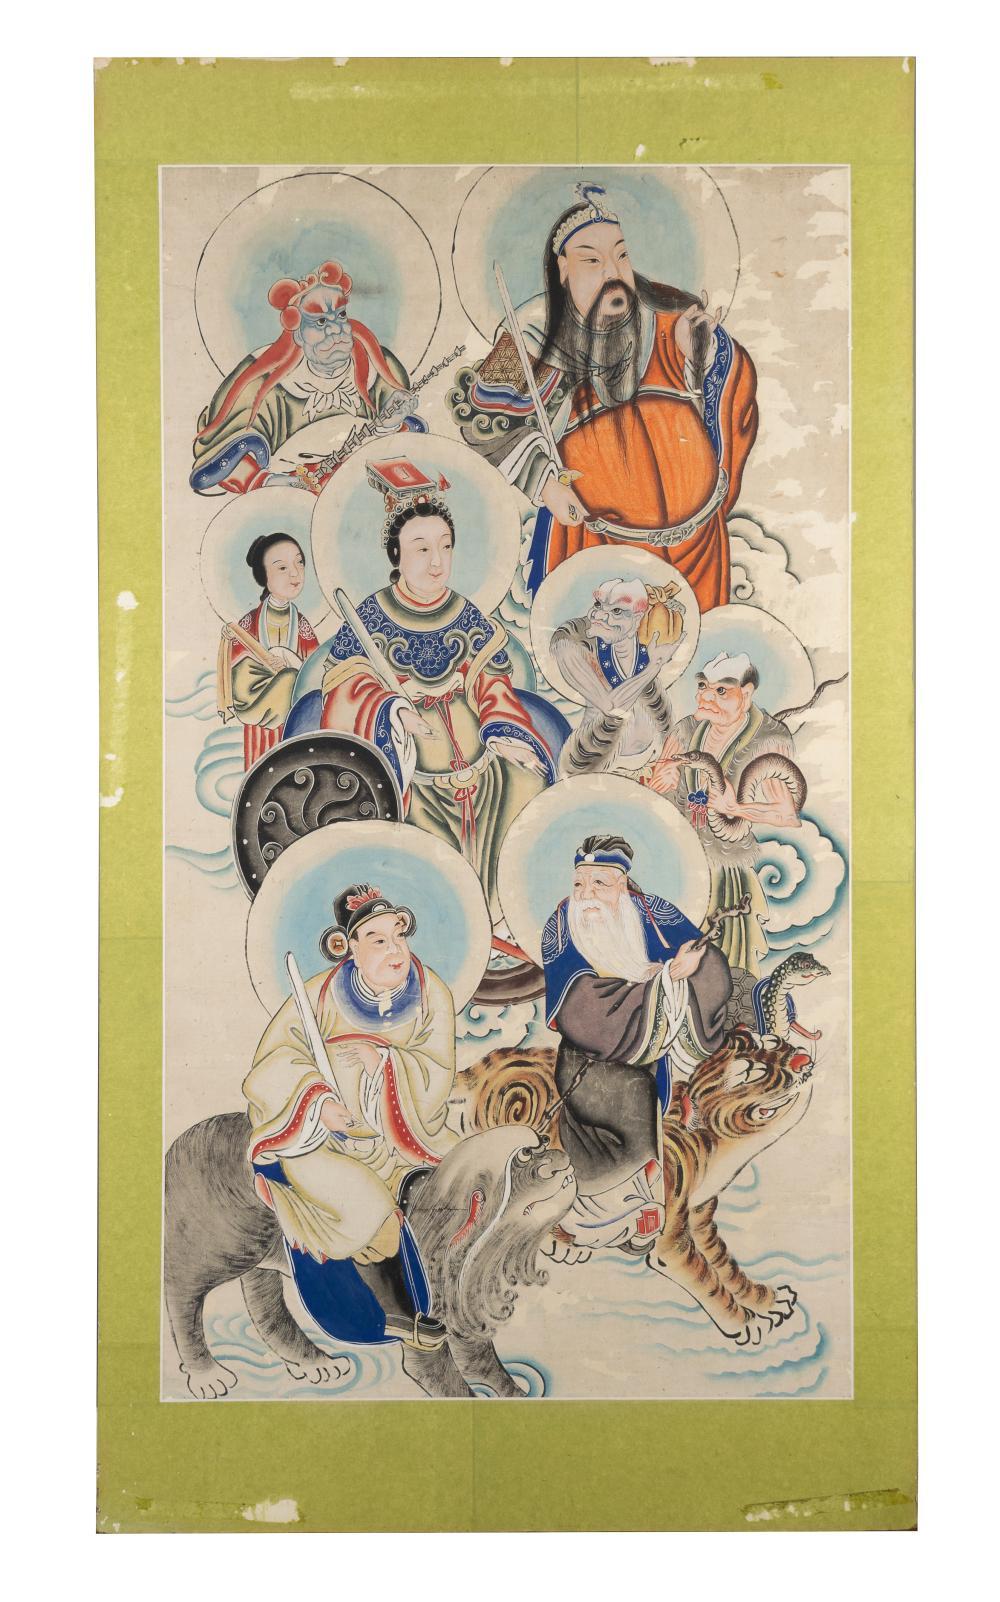 CHINESE TAOIST PAINTING, 19TH CENTURY